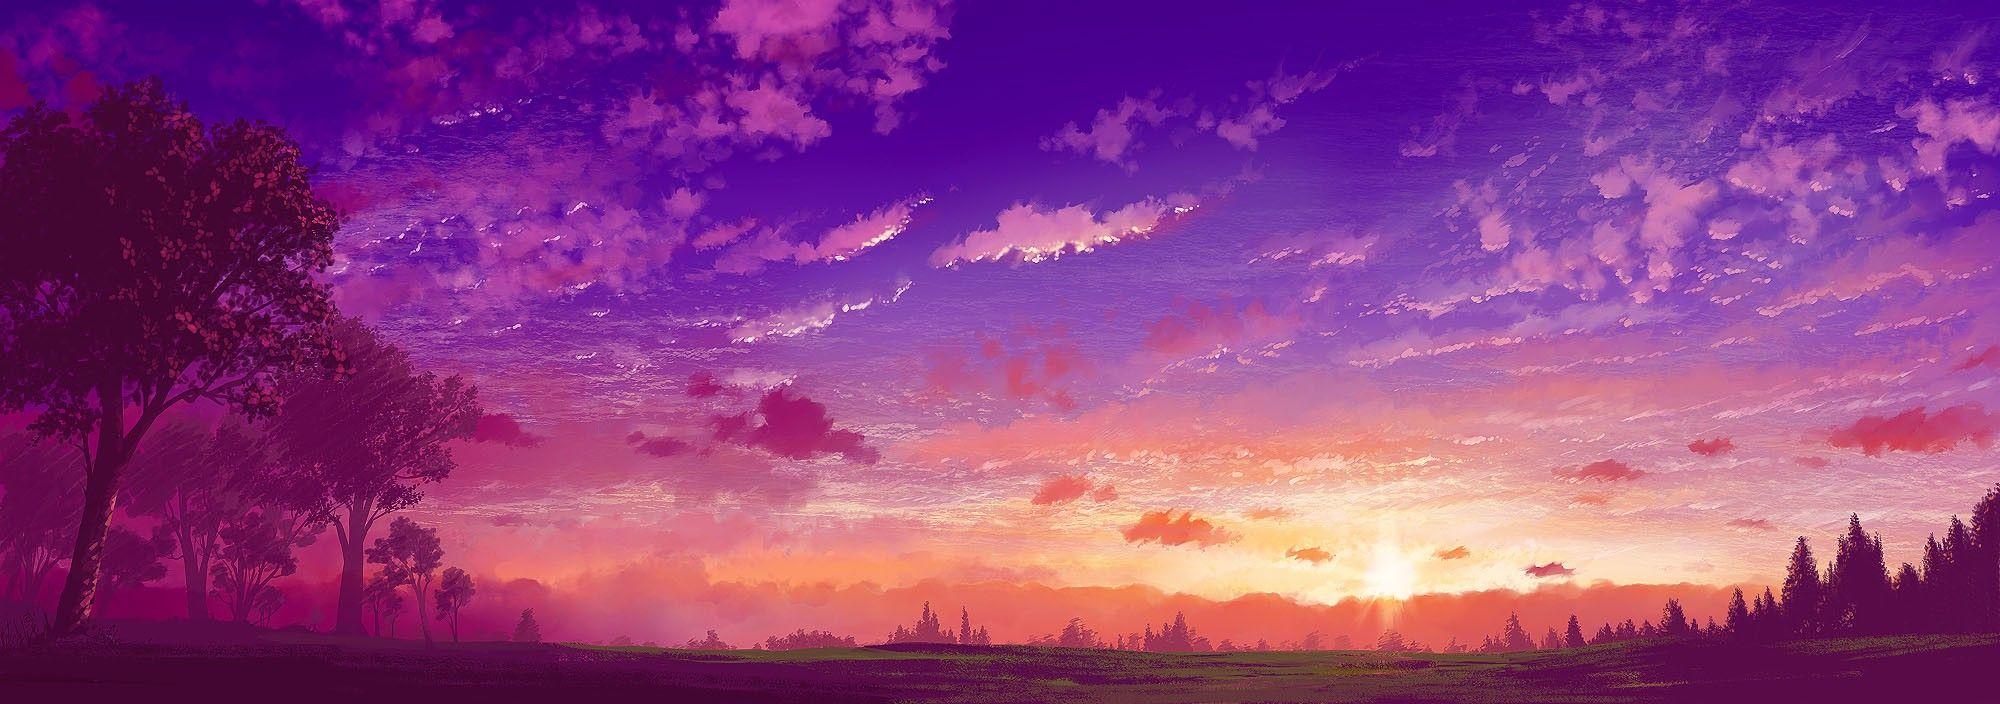 animeartworkcloudslandscapessunset17415992000x704